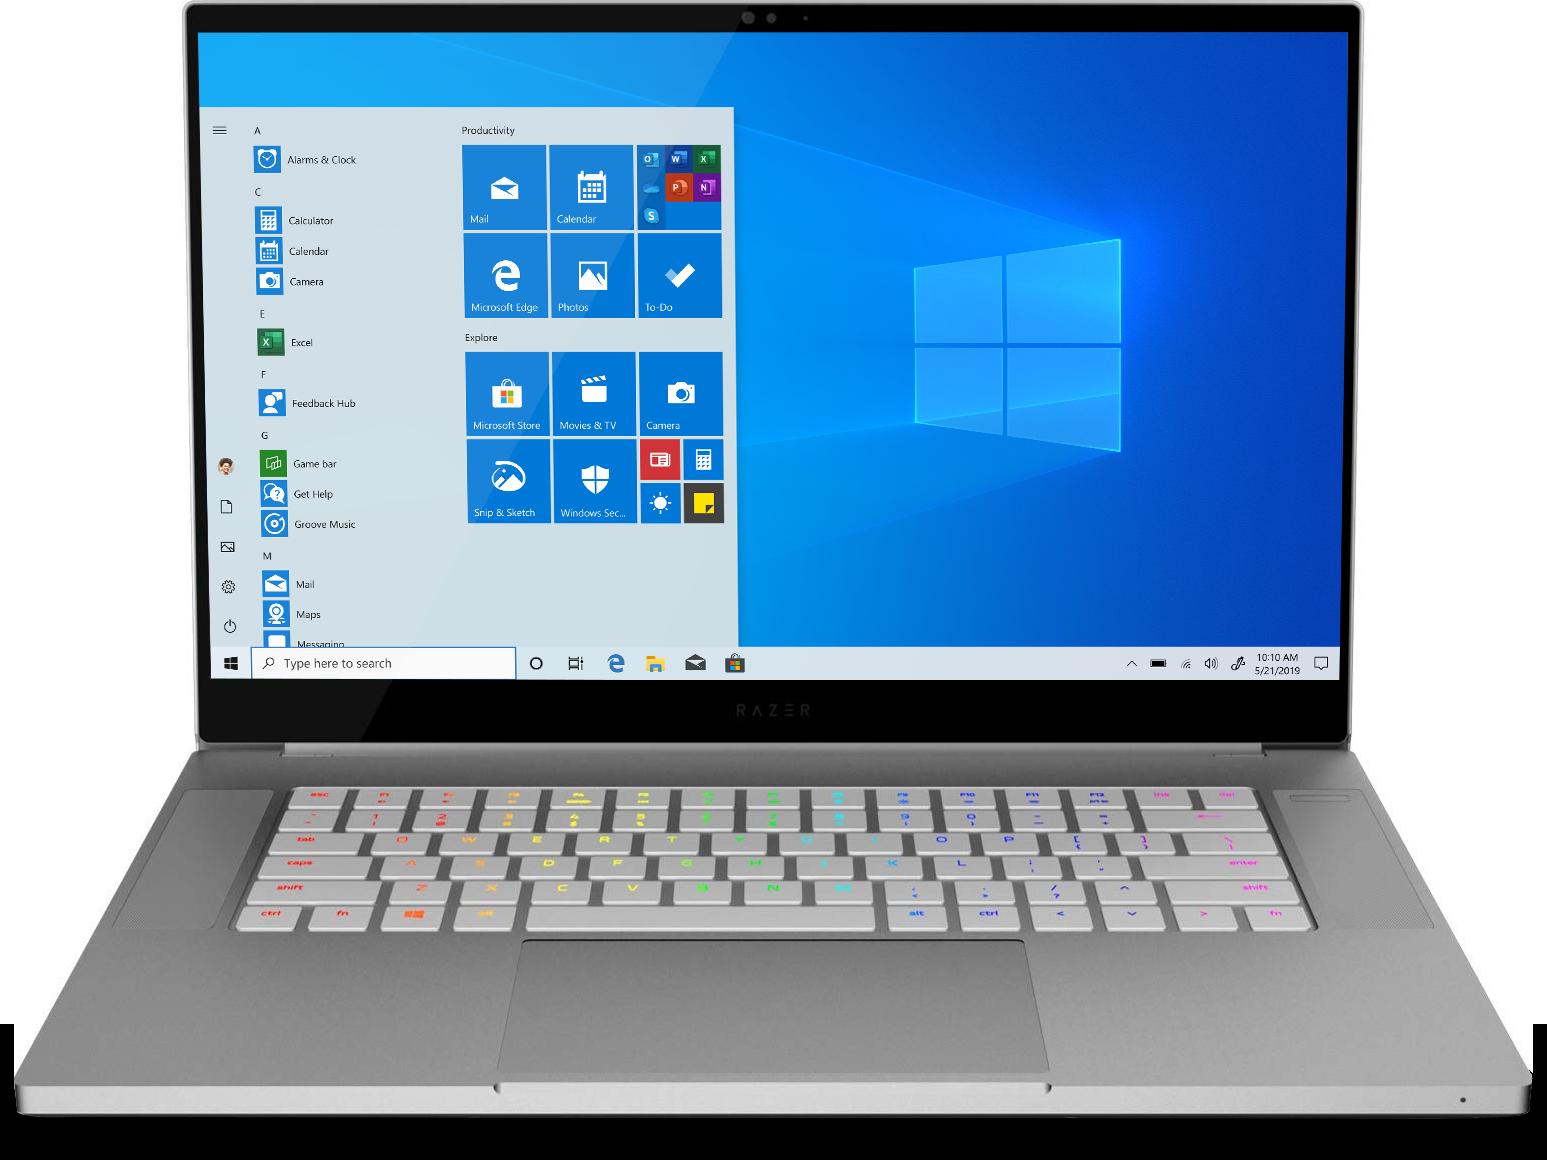 Razer Blade 15 Studio Edition Laptop 15.6-inch 4K UHD touchscreen Intel Core i7-9750H 32 GB memory/1 TB SSD NVIDIA Quadro RTX 5000 Studio Edition